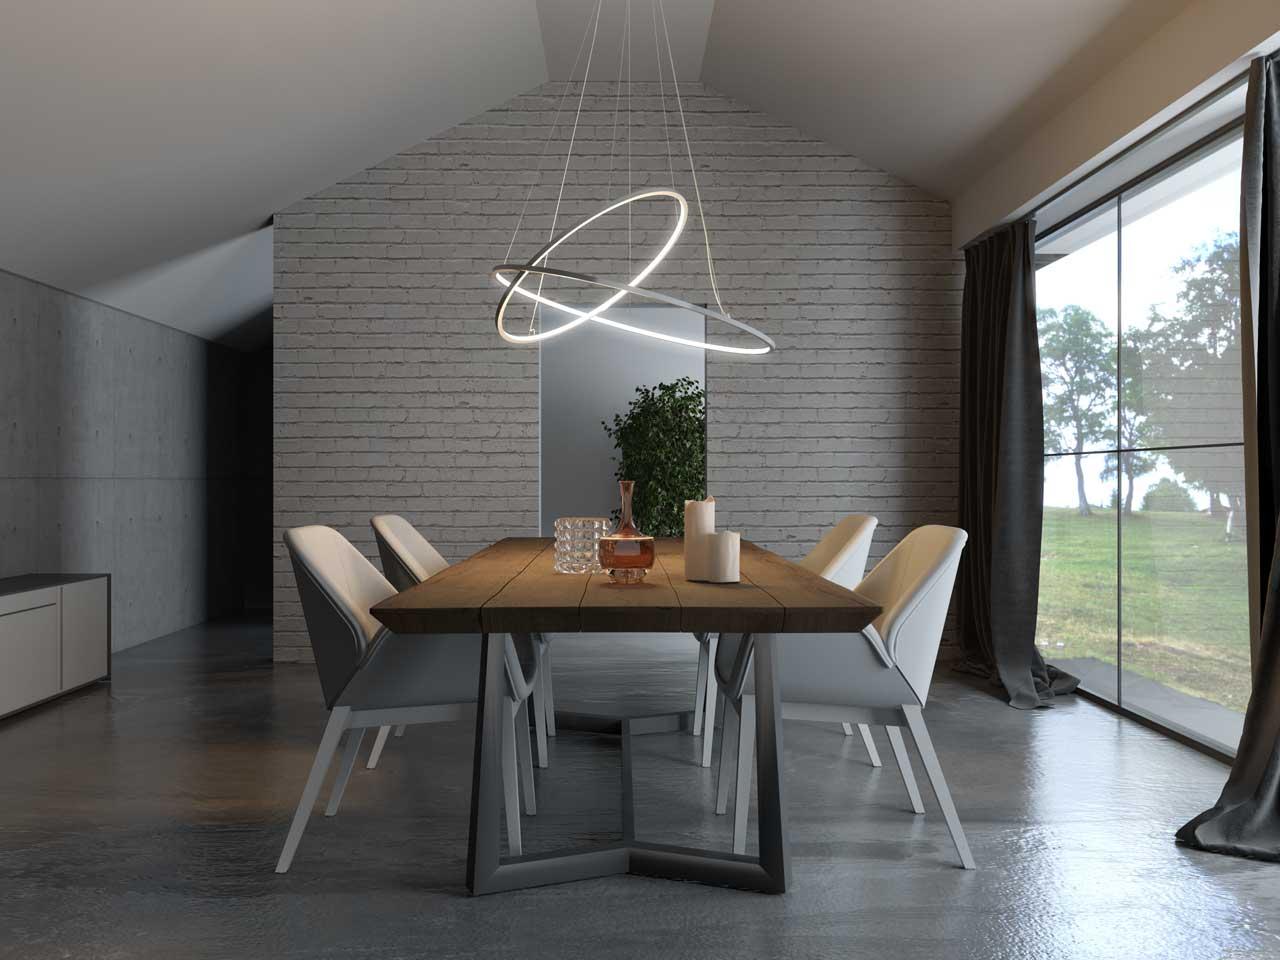 Lampade ancona lampade osimo illuminazione produzione lampade